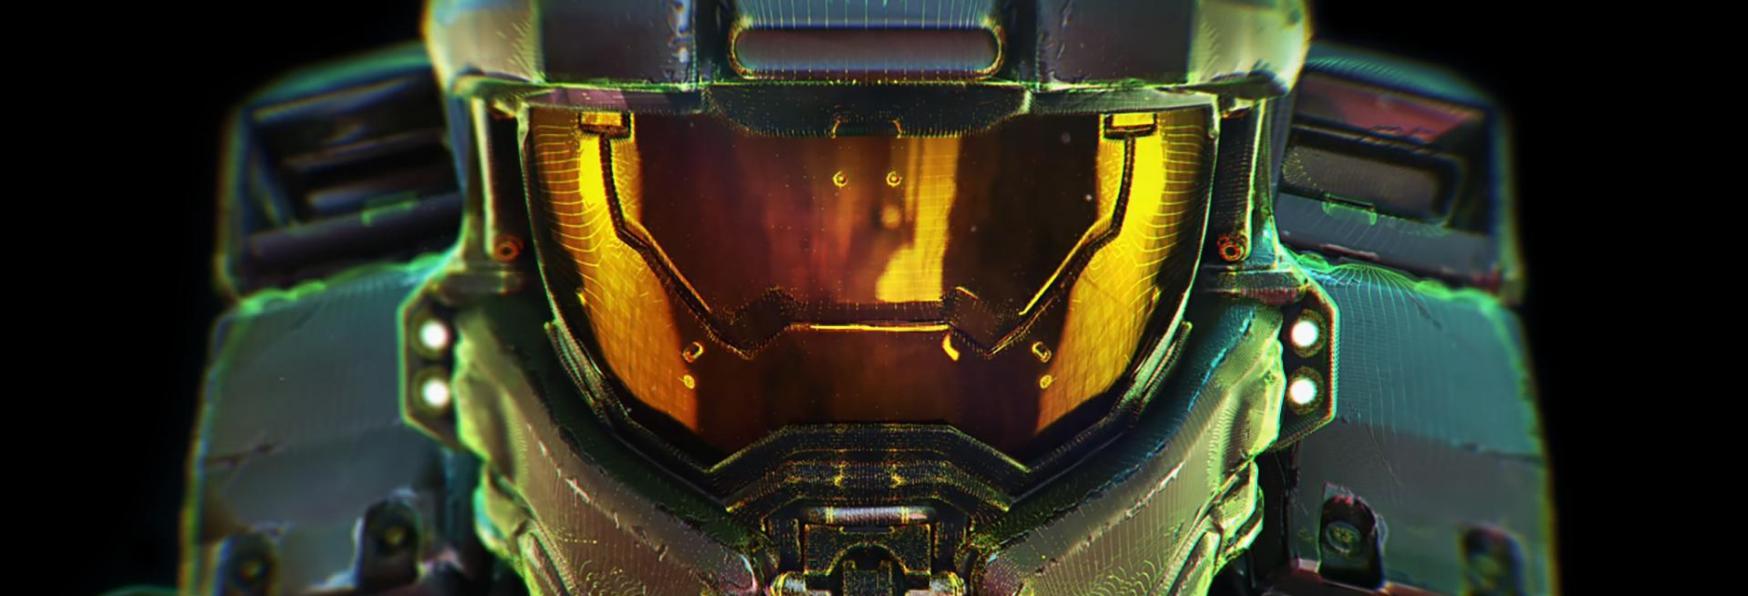 Halo: la Prima Foto del Cast al Completo. Iniziata ufficialmente la Produzione!